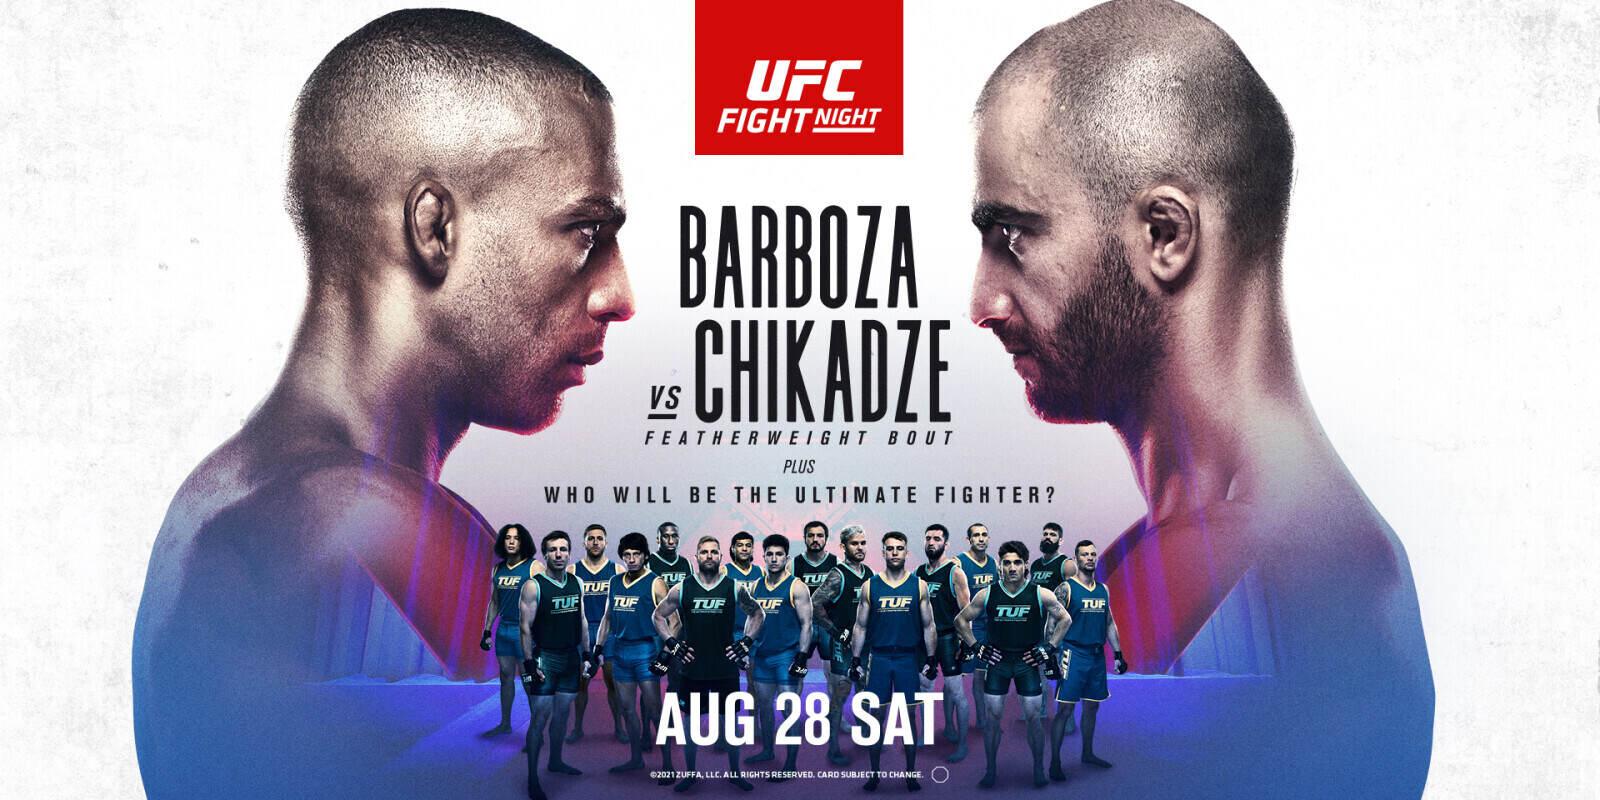 UFC Fight Night: Barboza vs Chikadze | Monster Energy